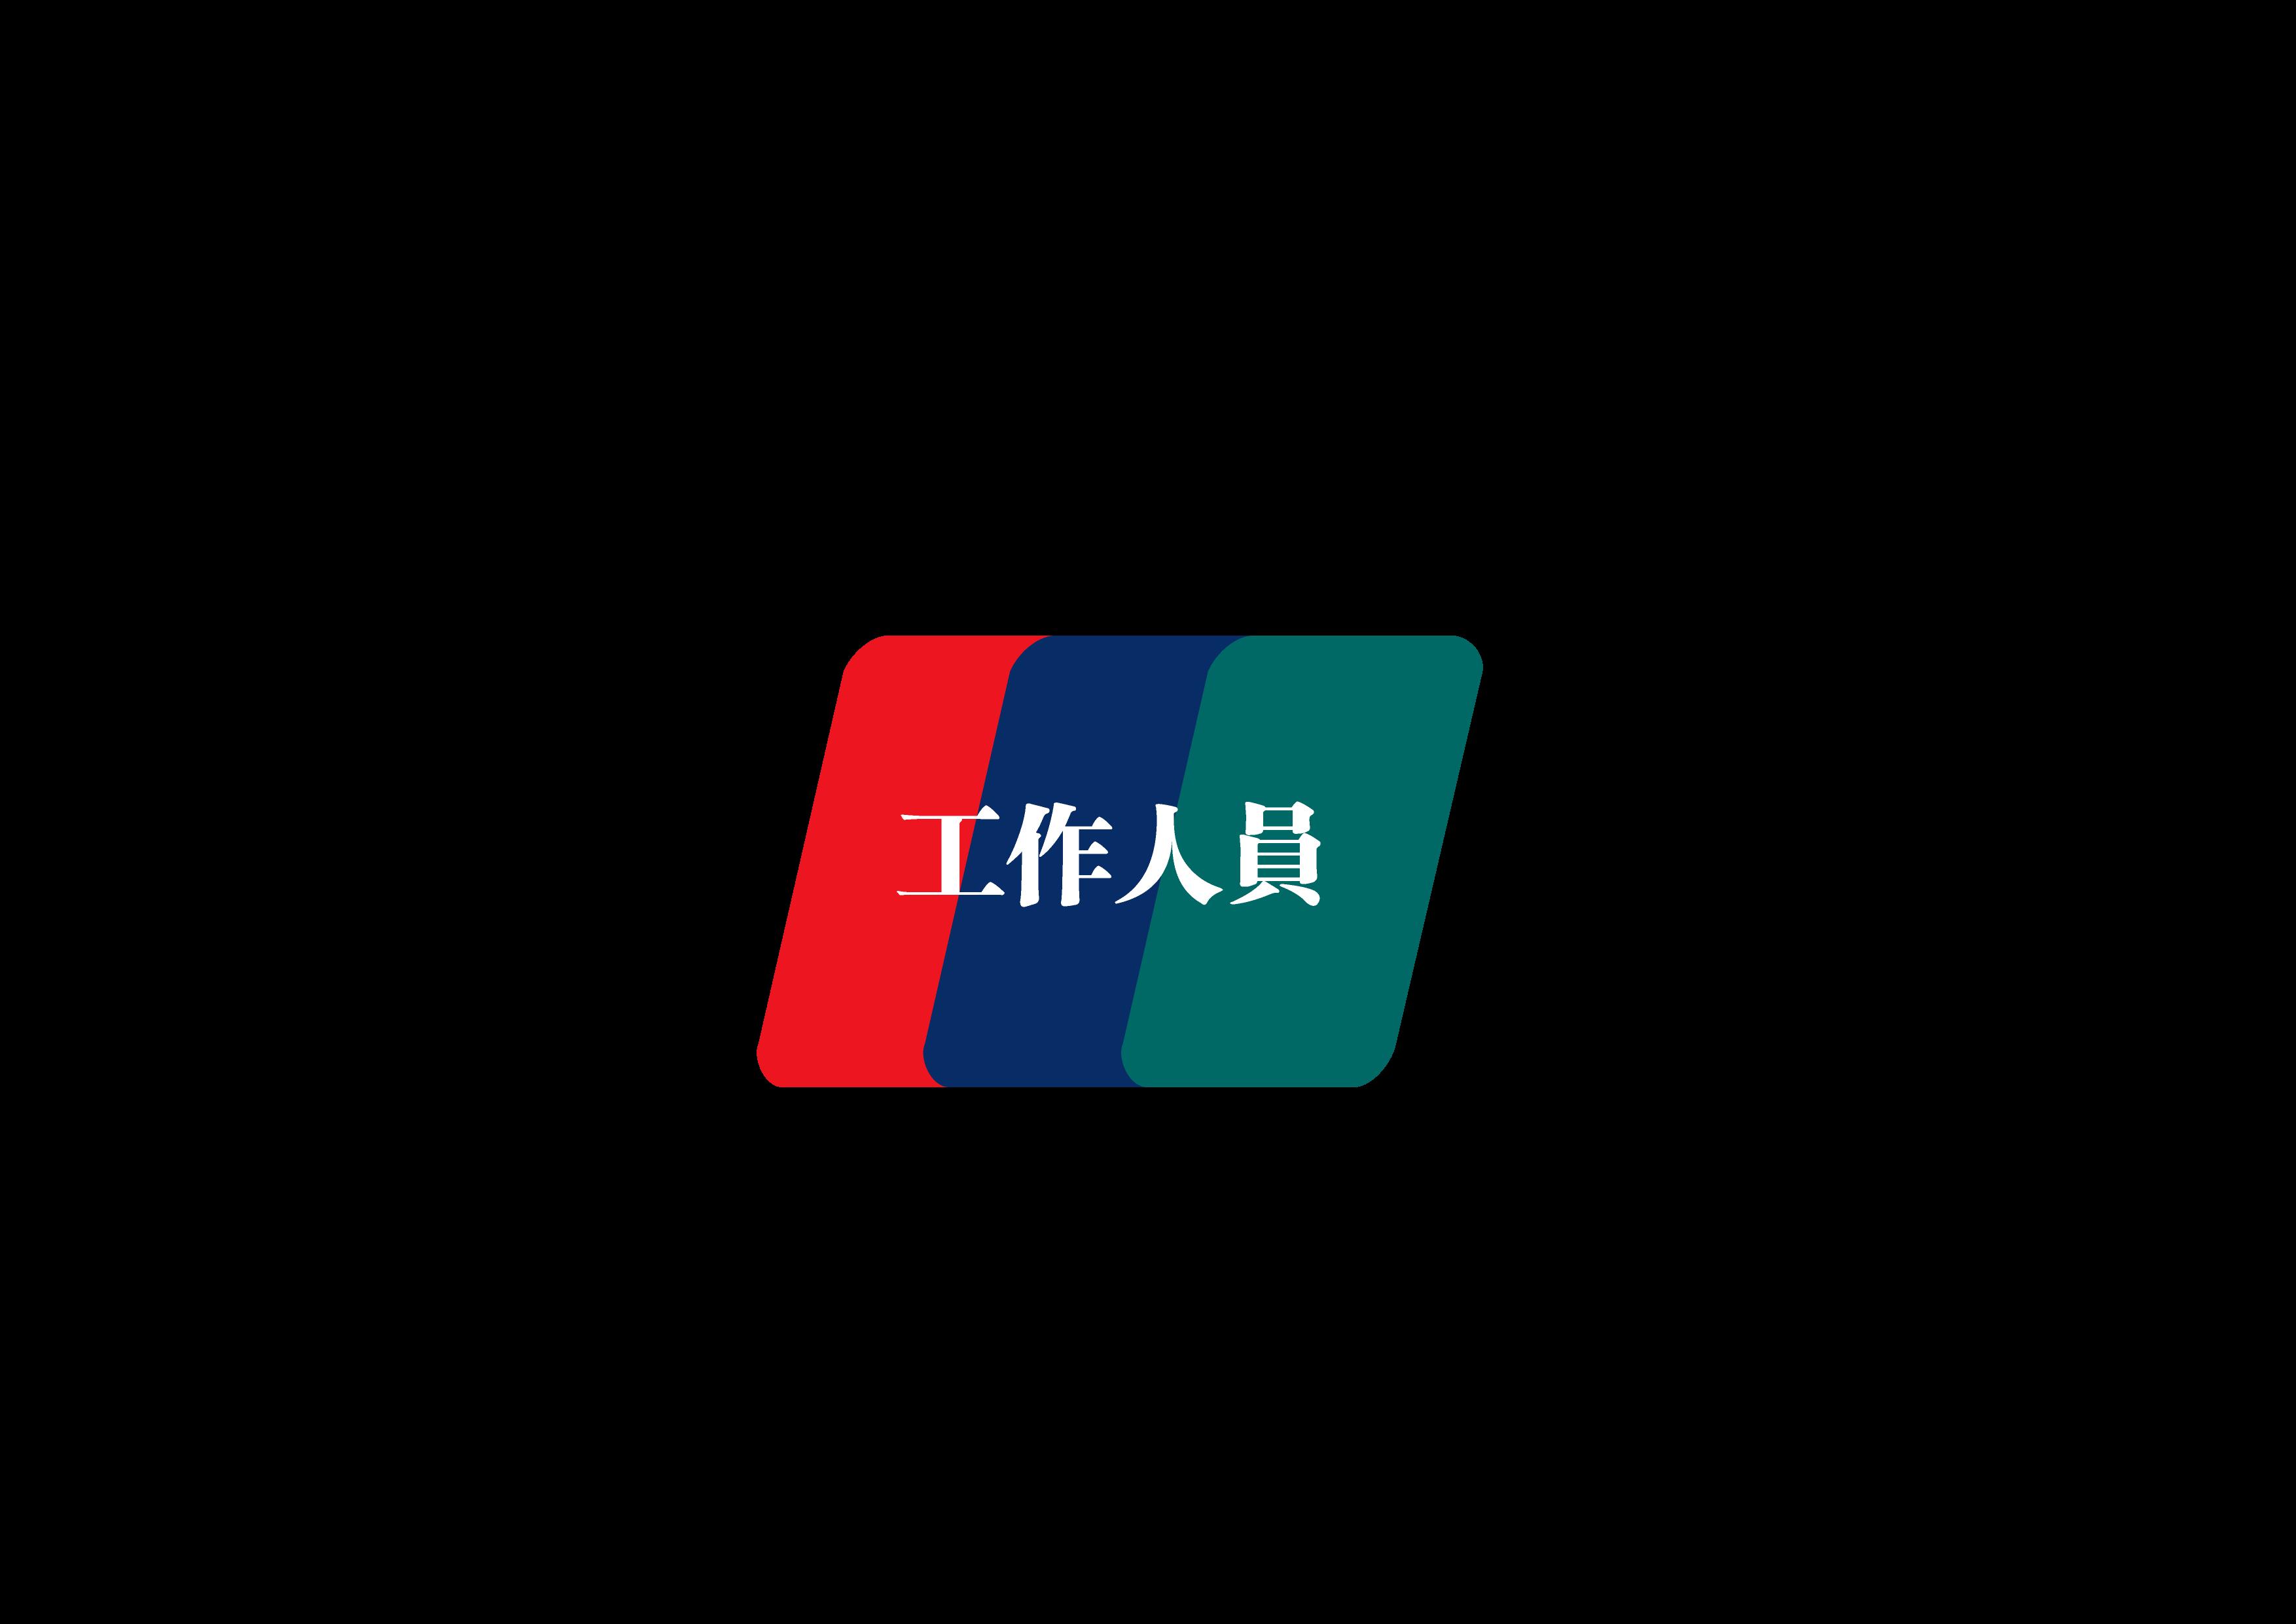 银联工作人员-01.png